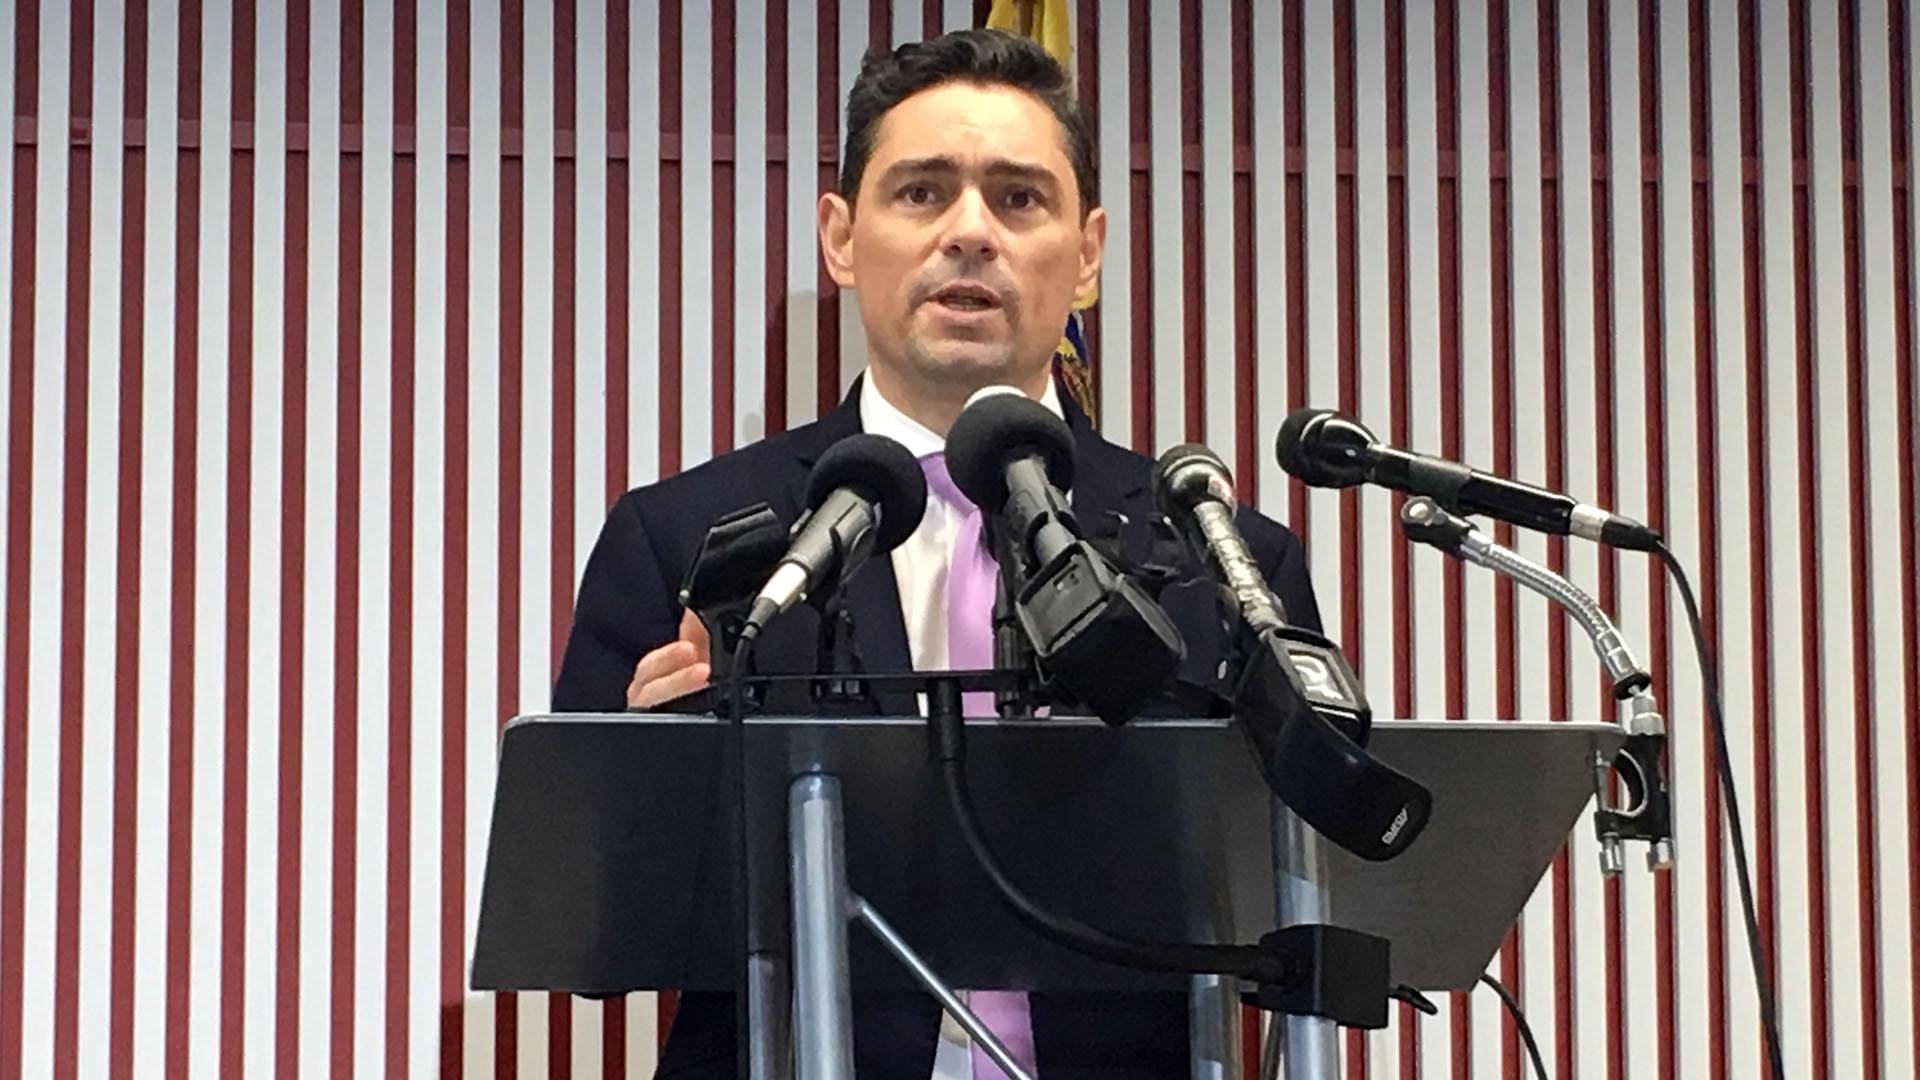 Carlos Vecchio, nuevo embajador de Venezuela en Estados Unidos, durante la conferencia de prensa que brindó este jueves.